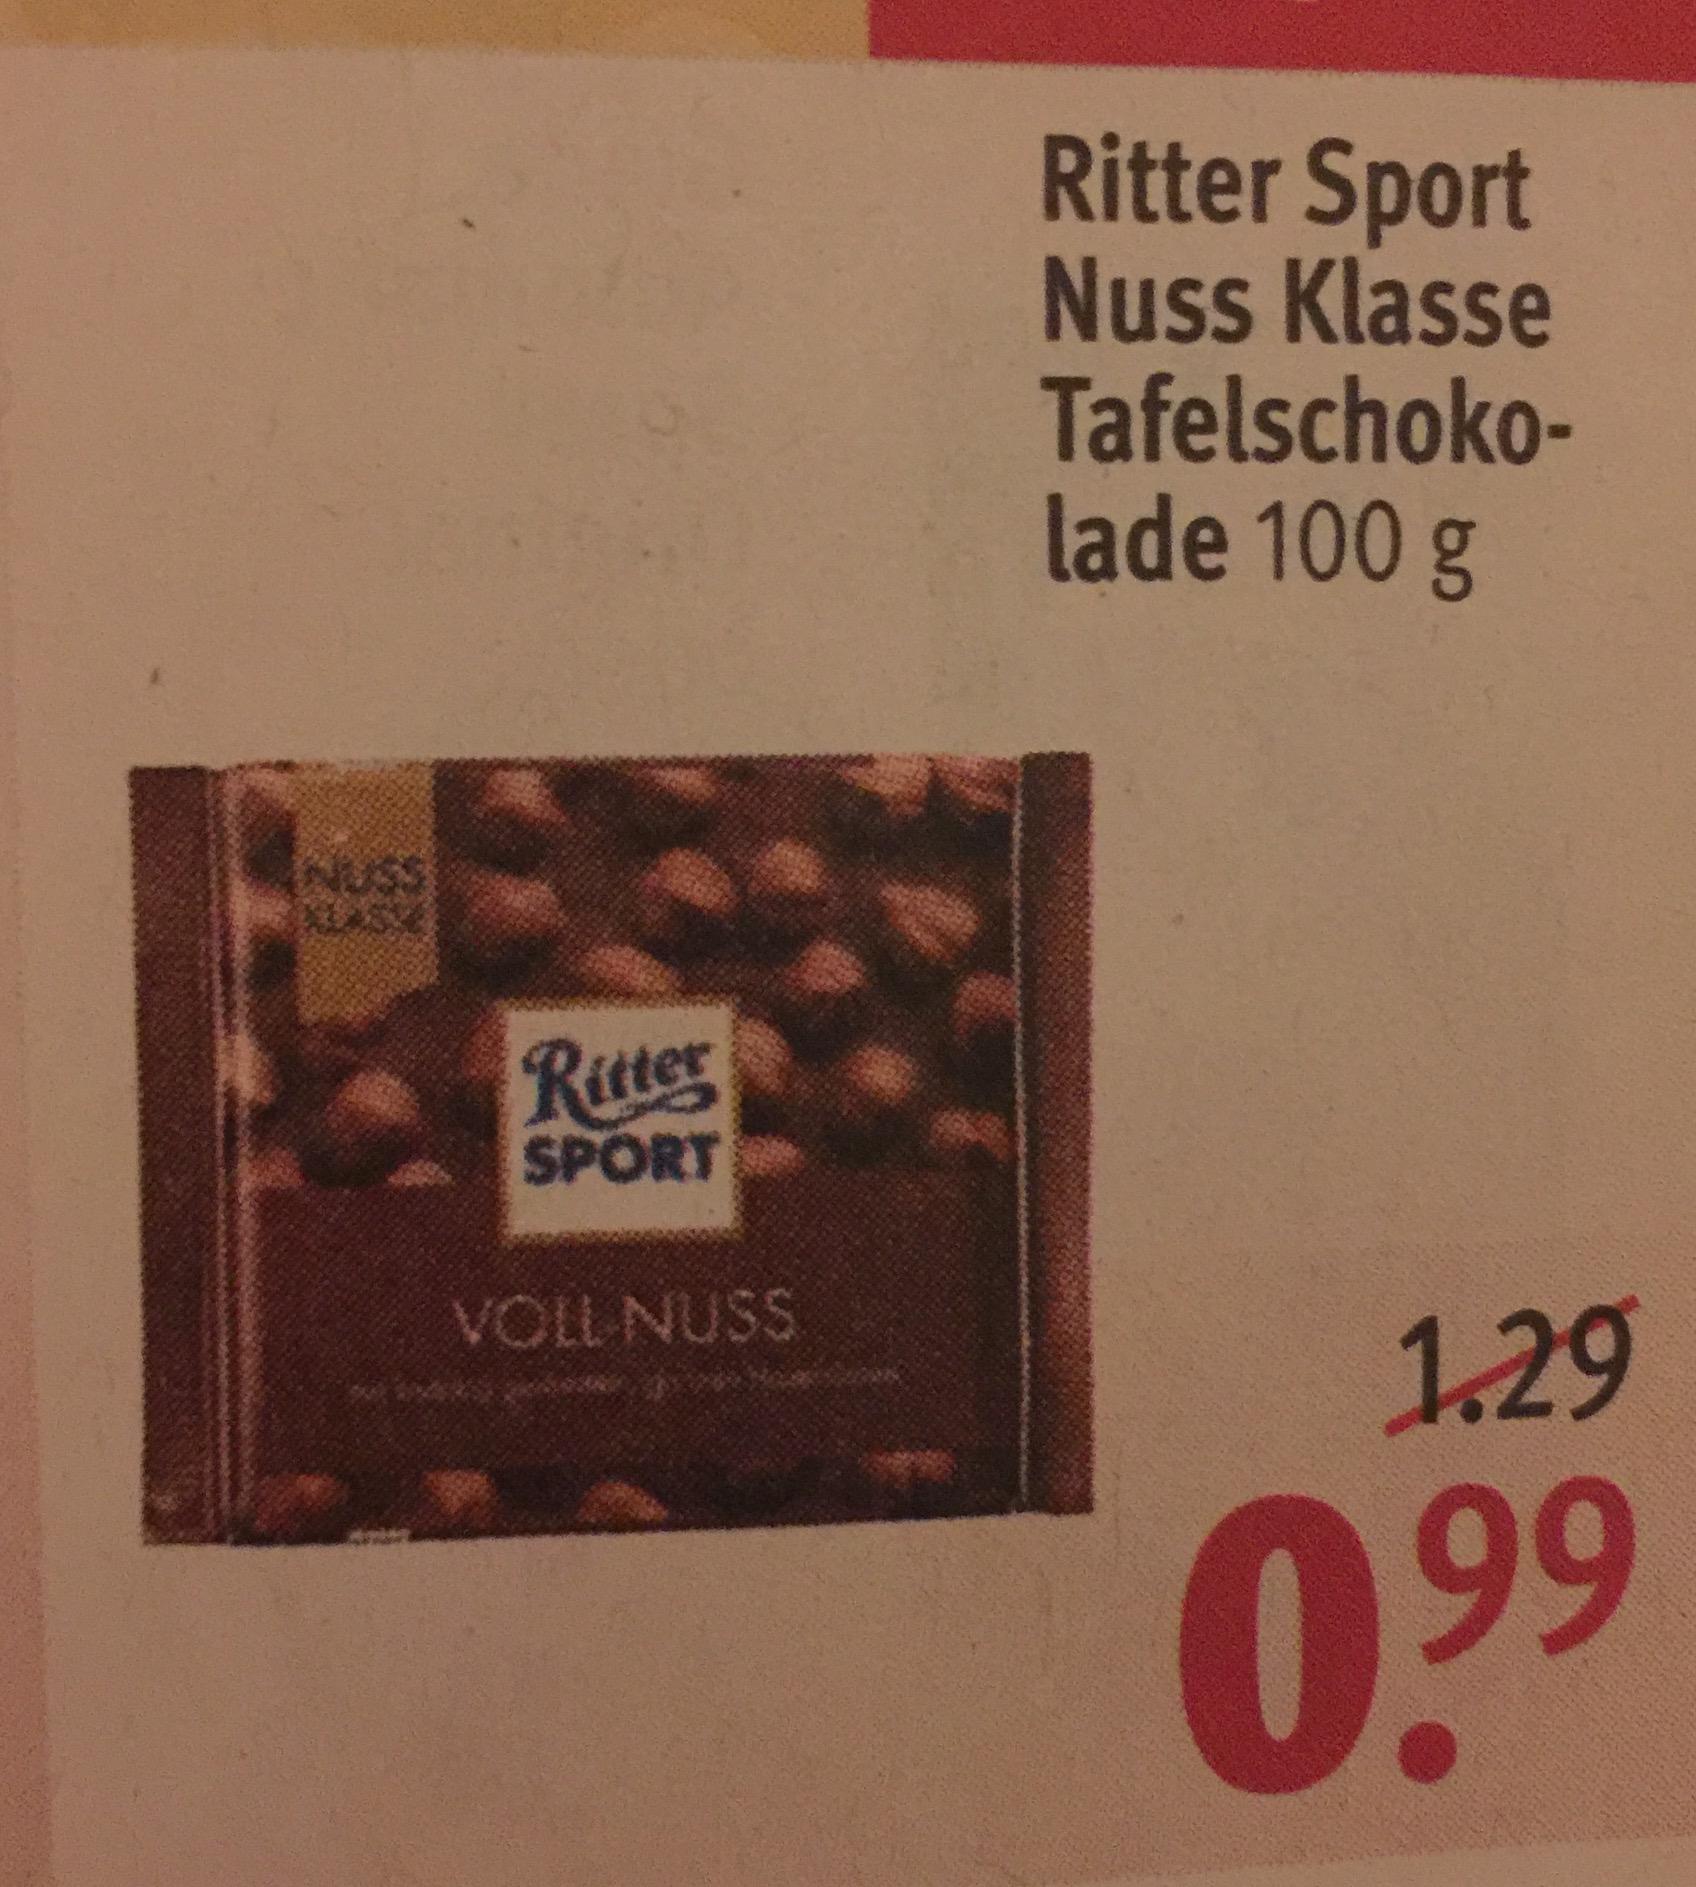 [Rossmann] Ritter Sport NUSSKLASSE für 0,99€ (0,89€ mit 10% Gutschein möglich)